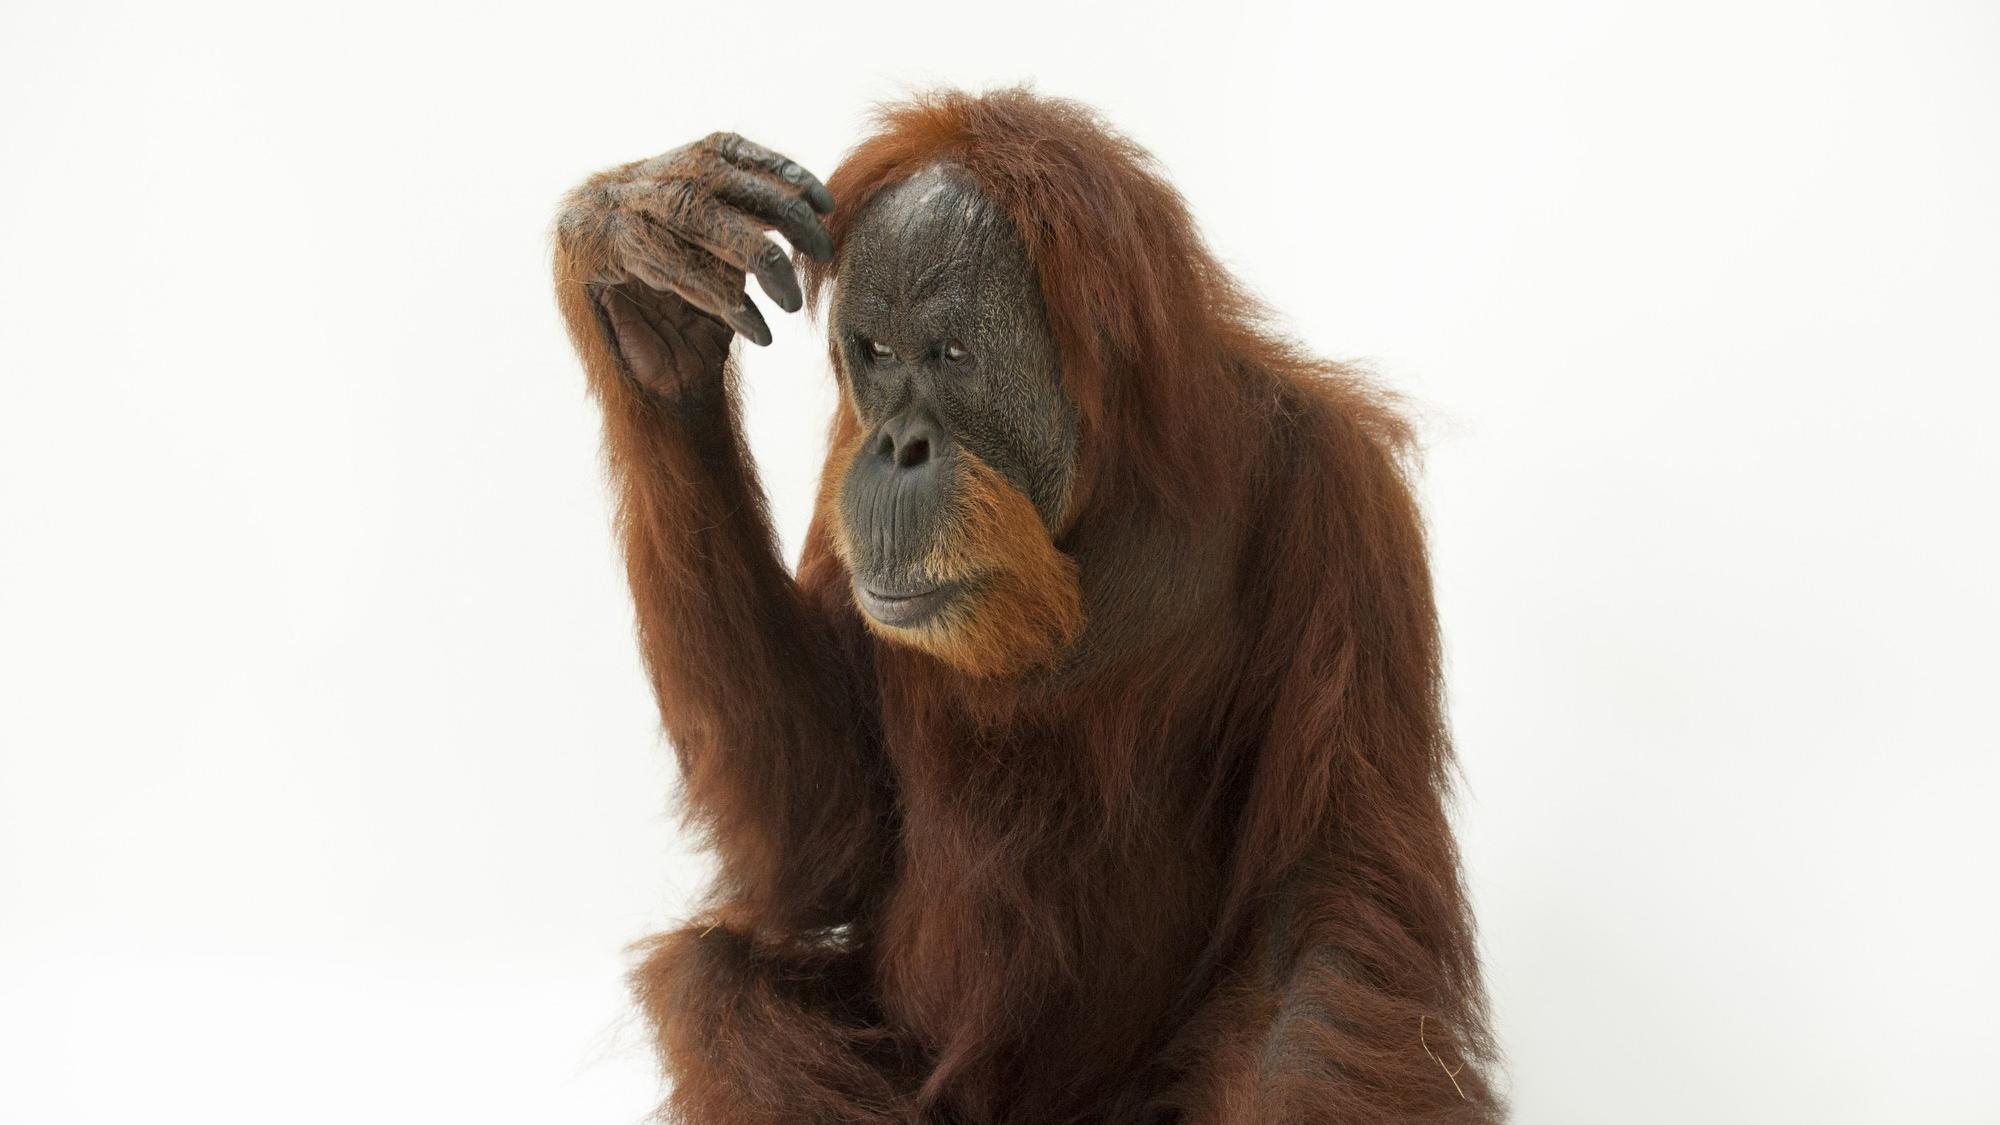 Орангутаны догадались, как расколоть орех тяжелым предметом